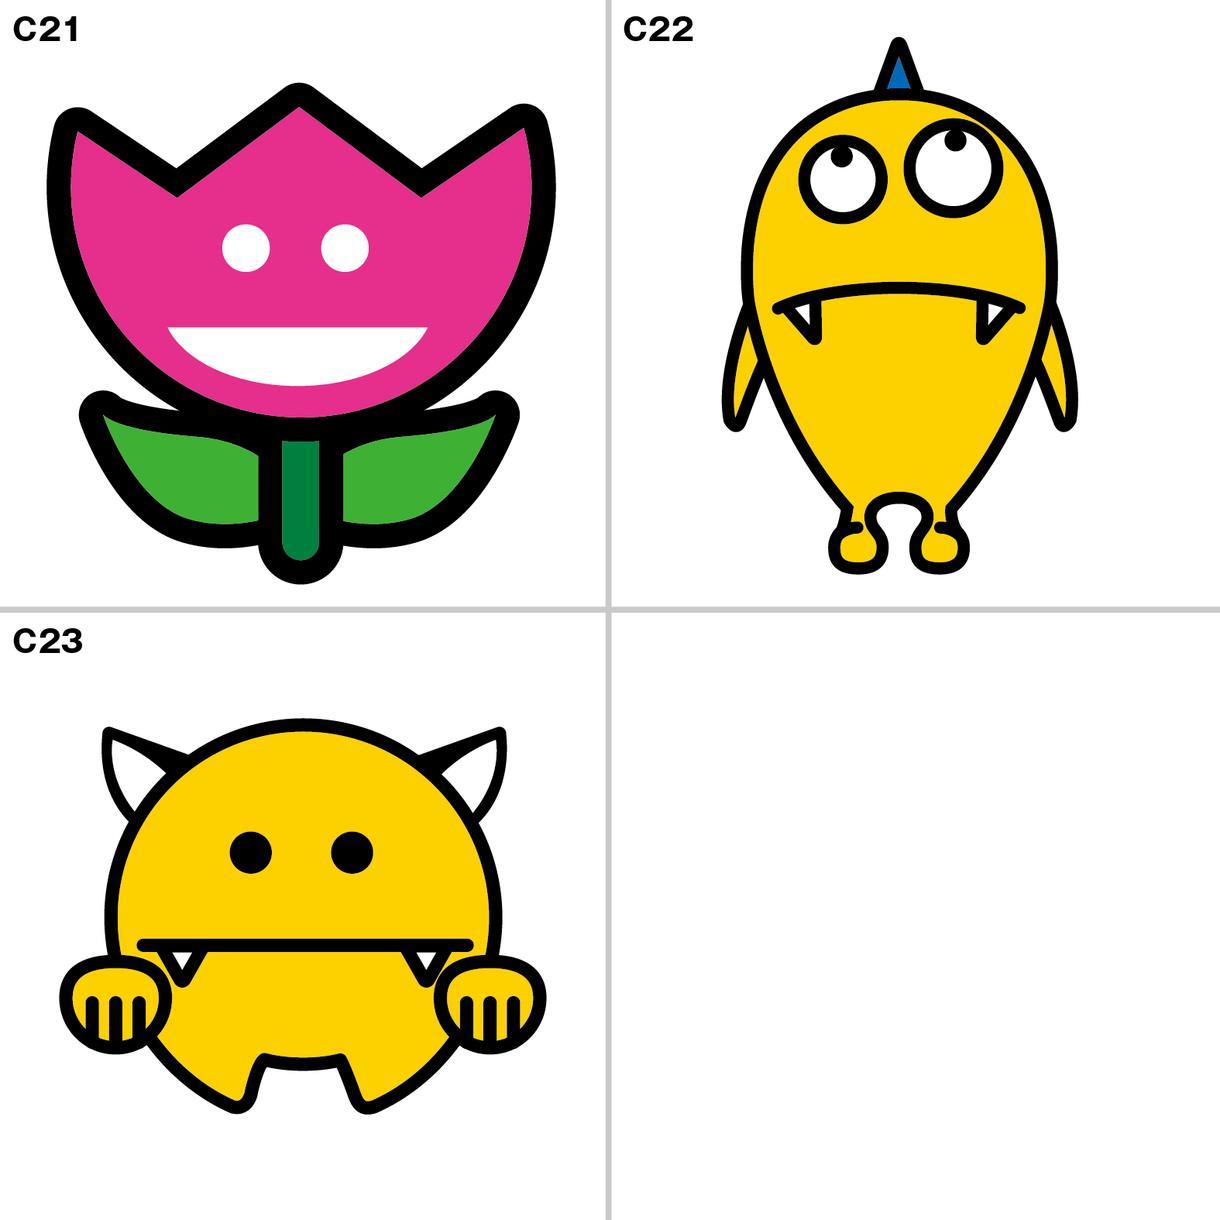 商用OK!キャラクター販売します 商用OK!著作権譲渡付きのキャラクター販売です。